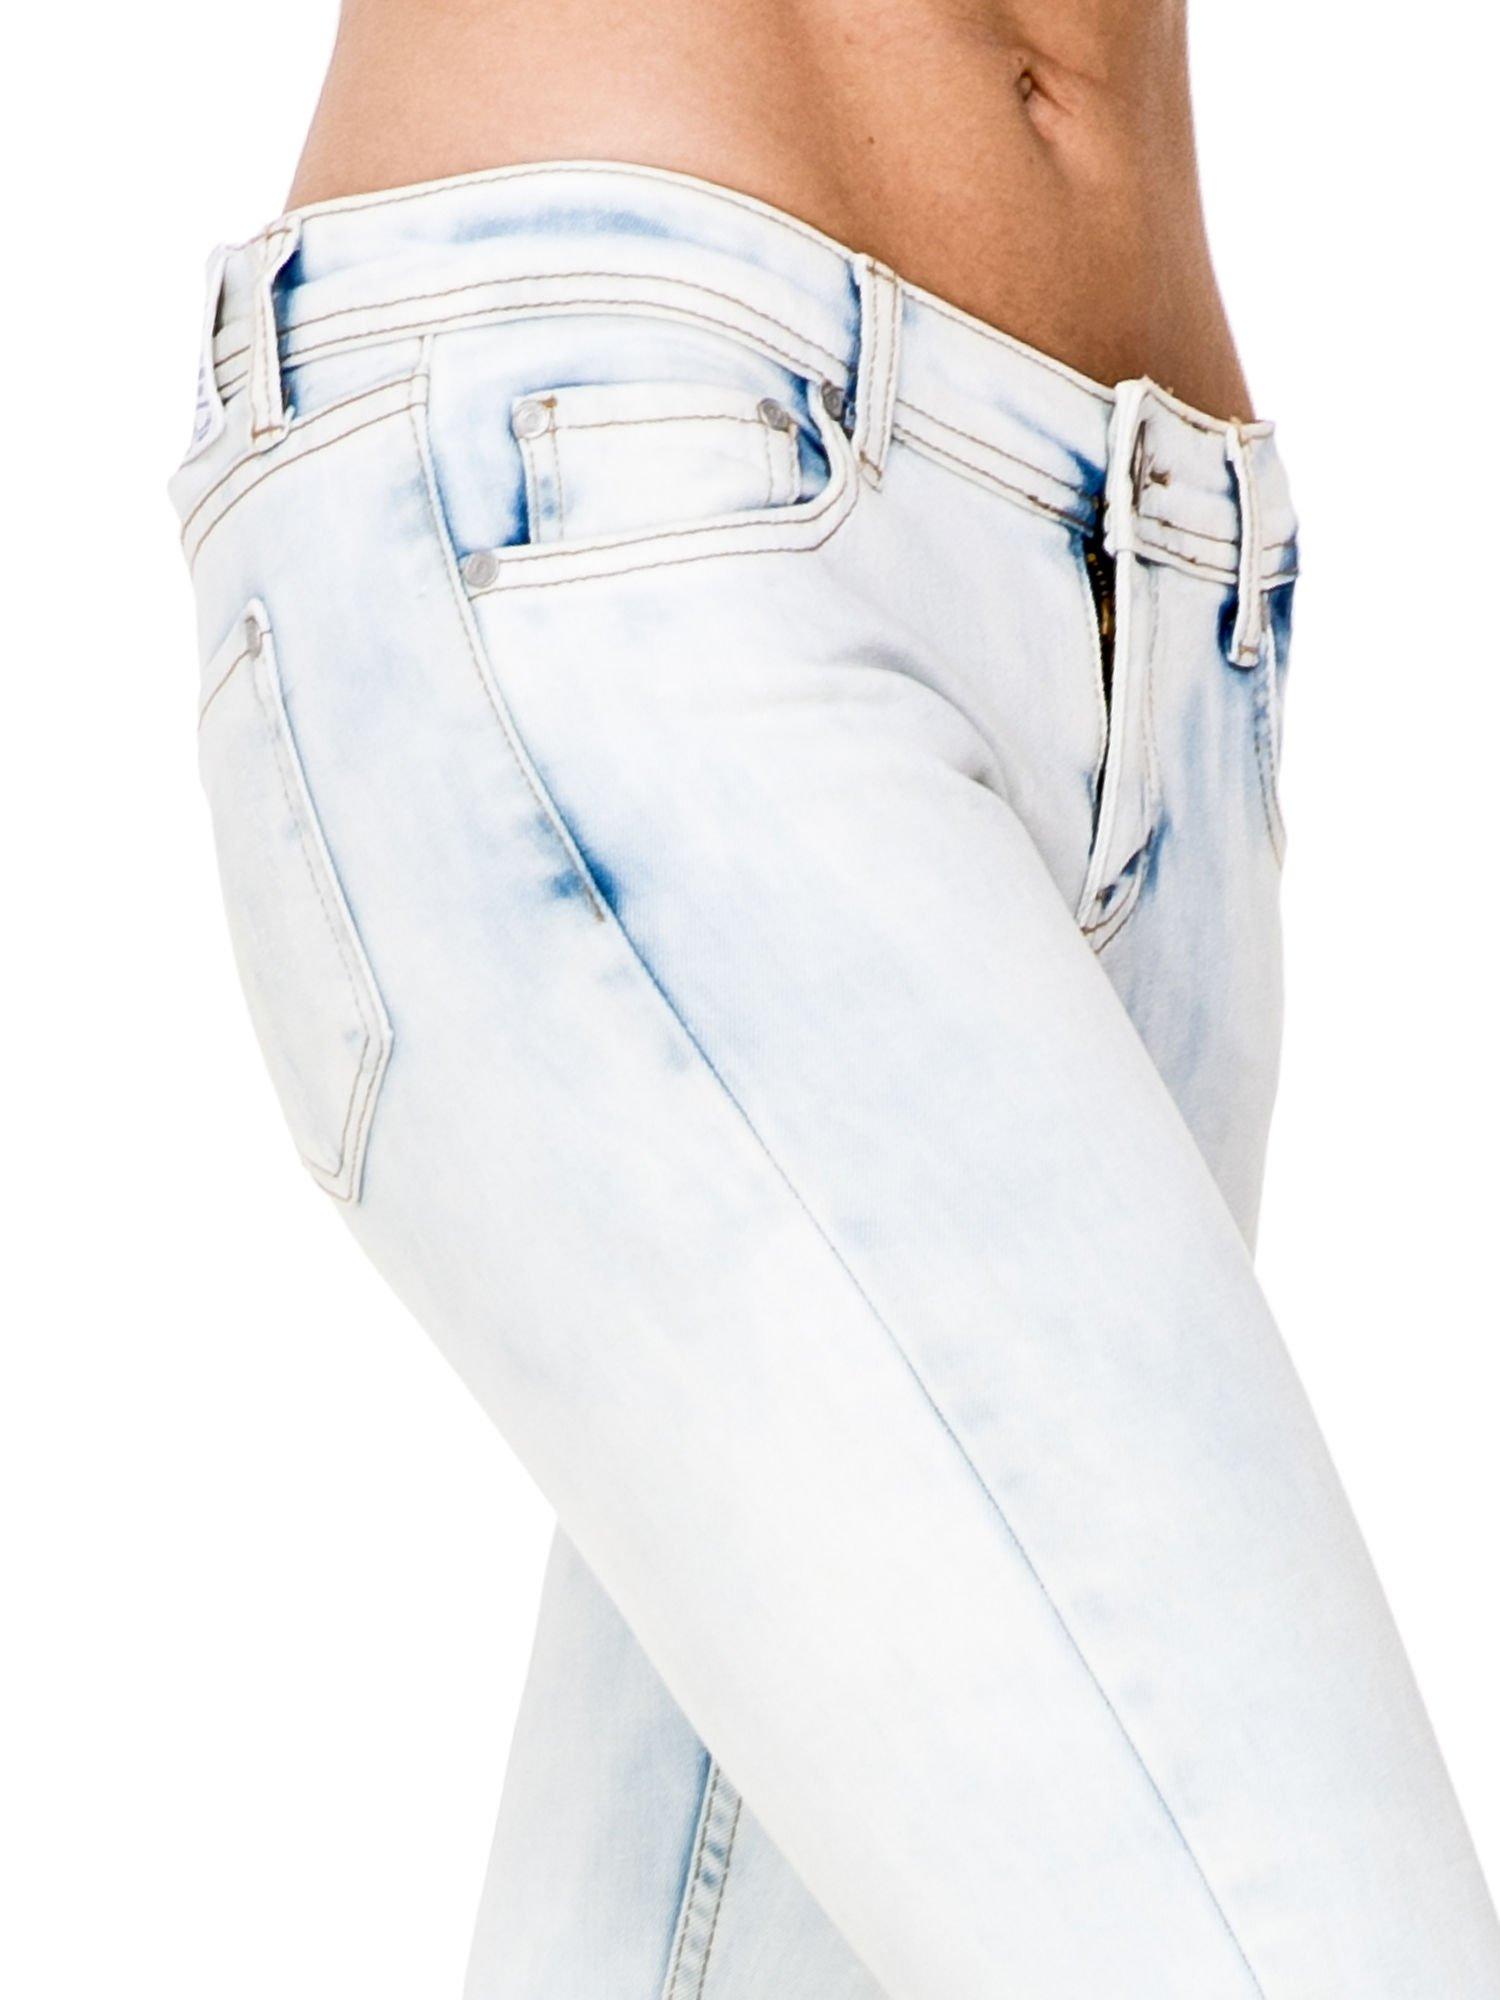 Jasnoniebieskie rozjaśniane spodnie jeaansowe rurki z rozdarciami na kolanach                                  zdj.                                  5